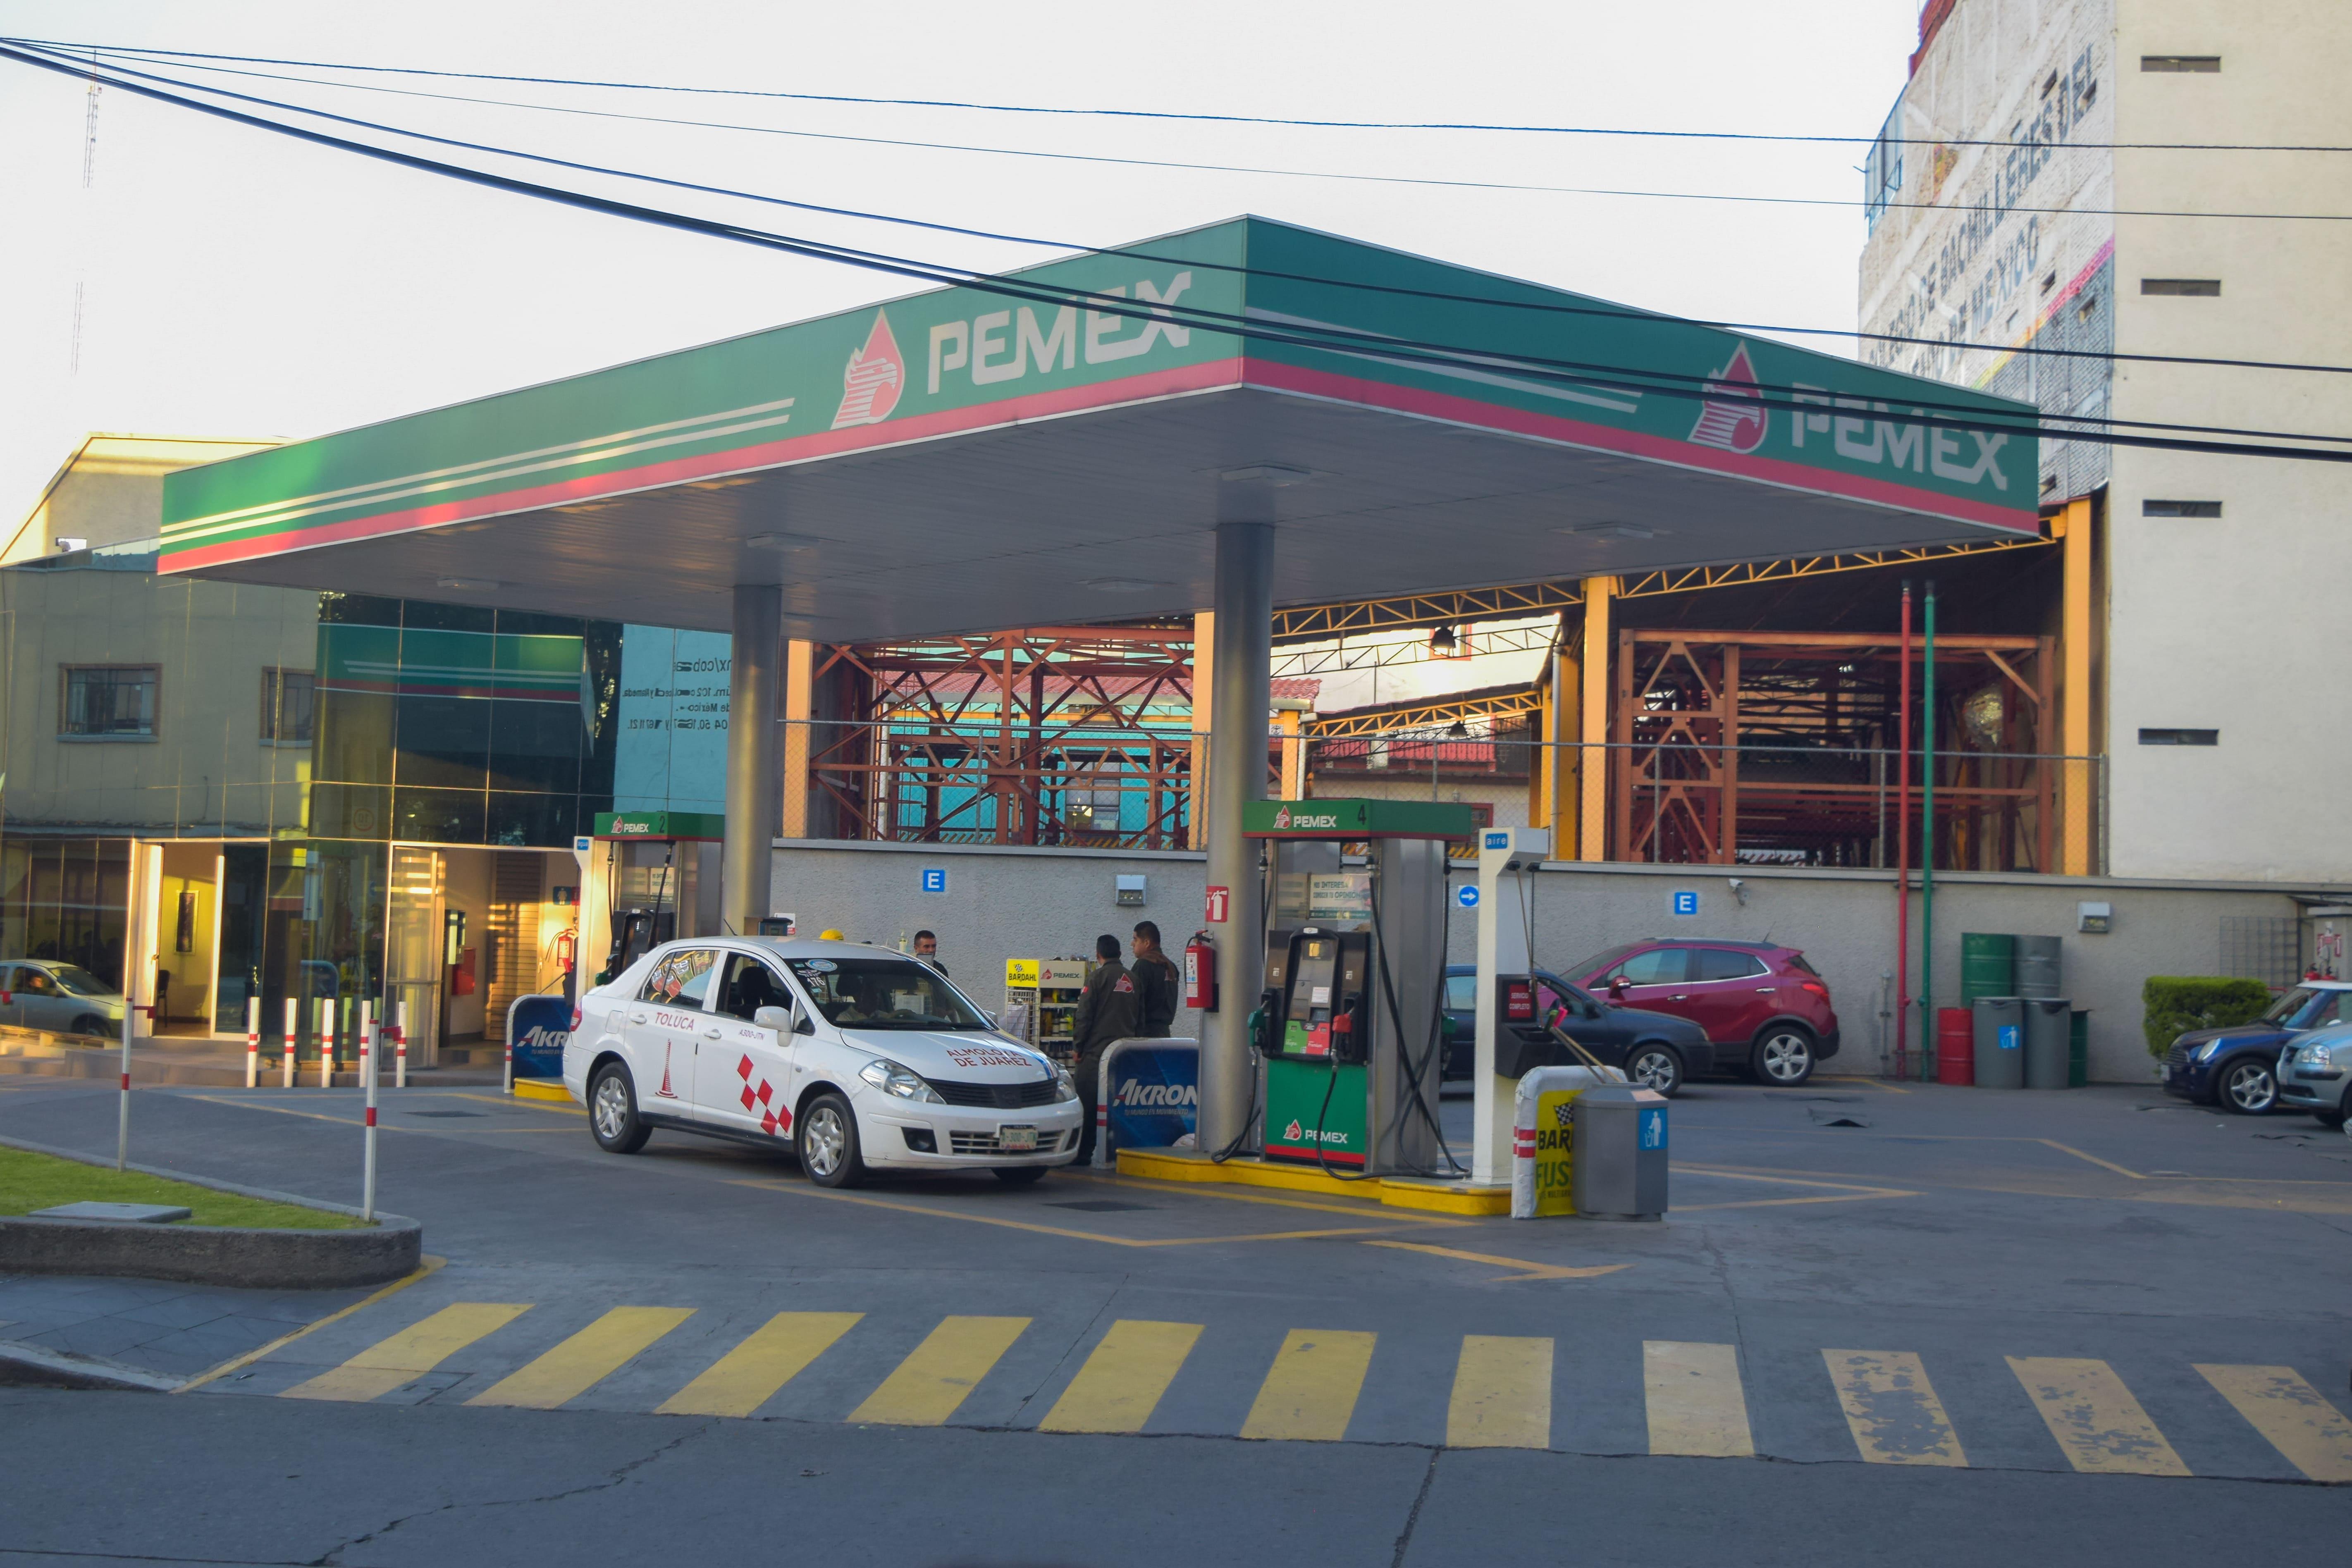 profeco-revisara-que-se-den-los-litros-completos-en-gasolineras2